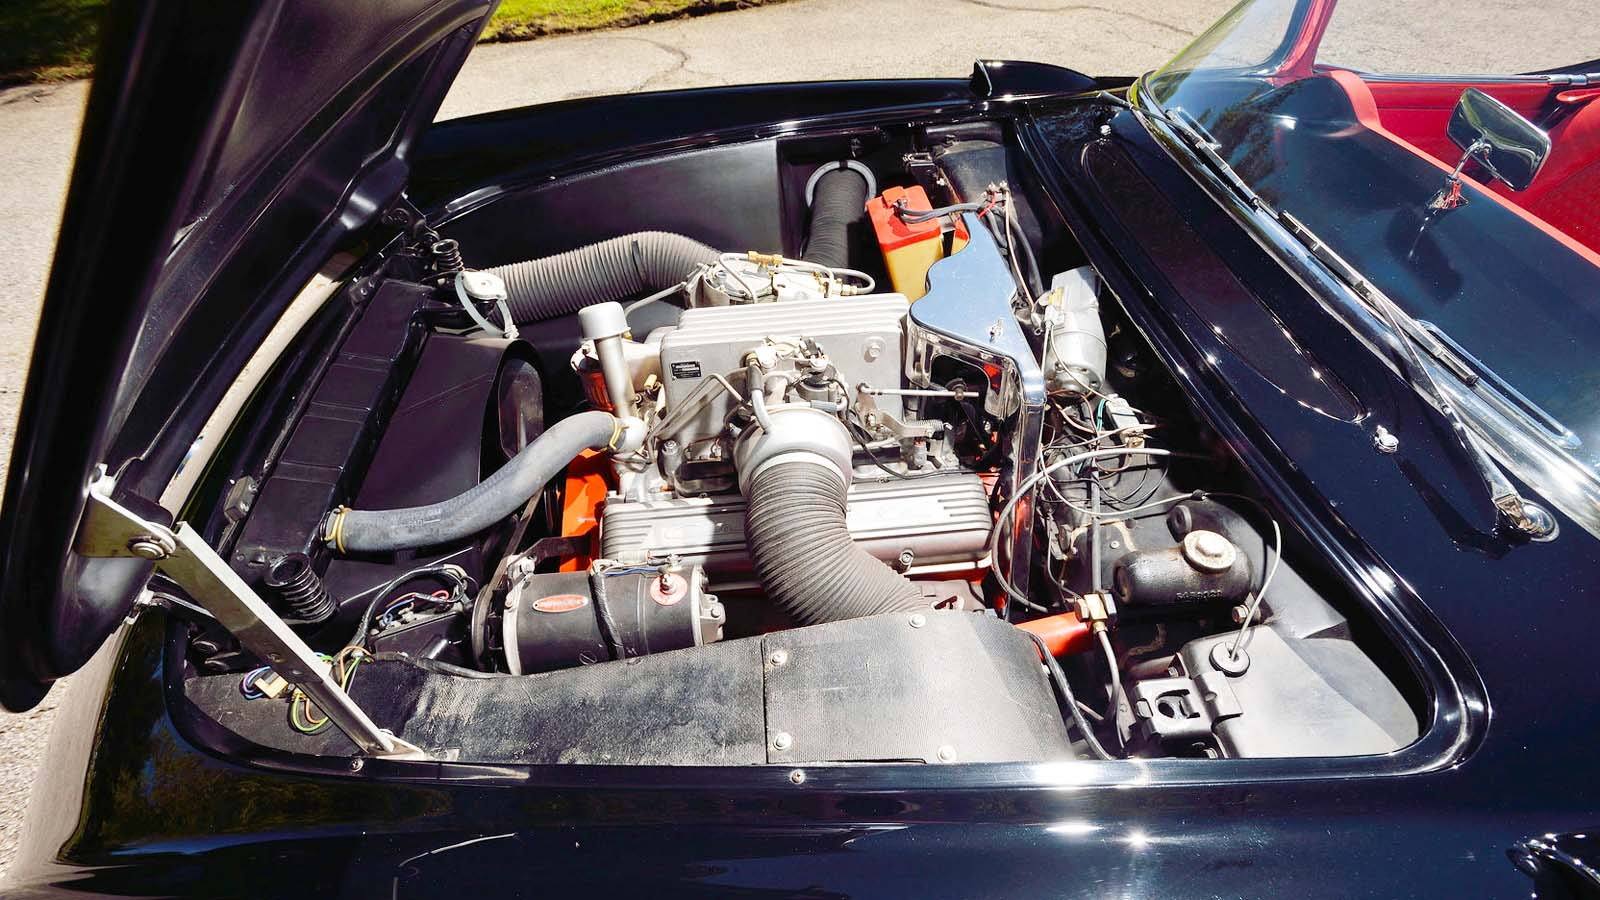 C1 Corvette, Airbox, Fuelie